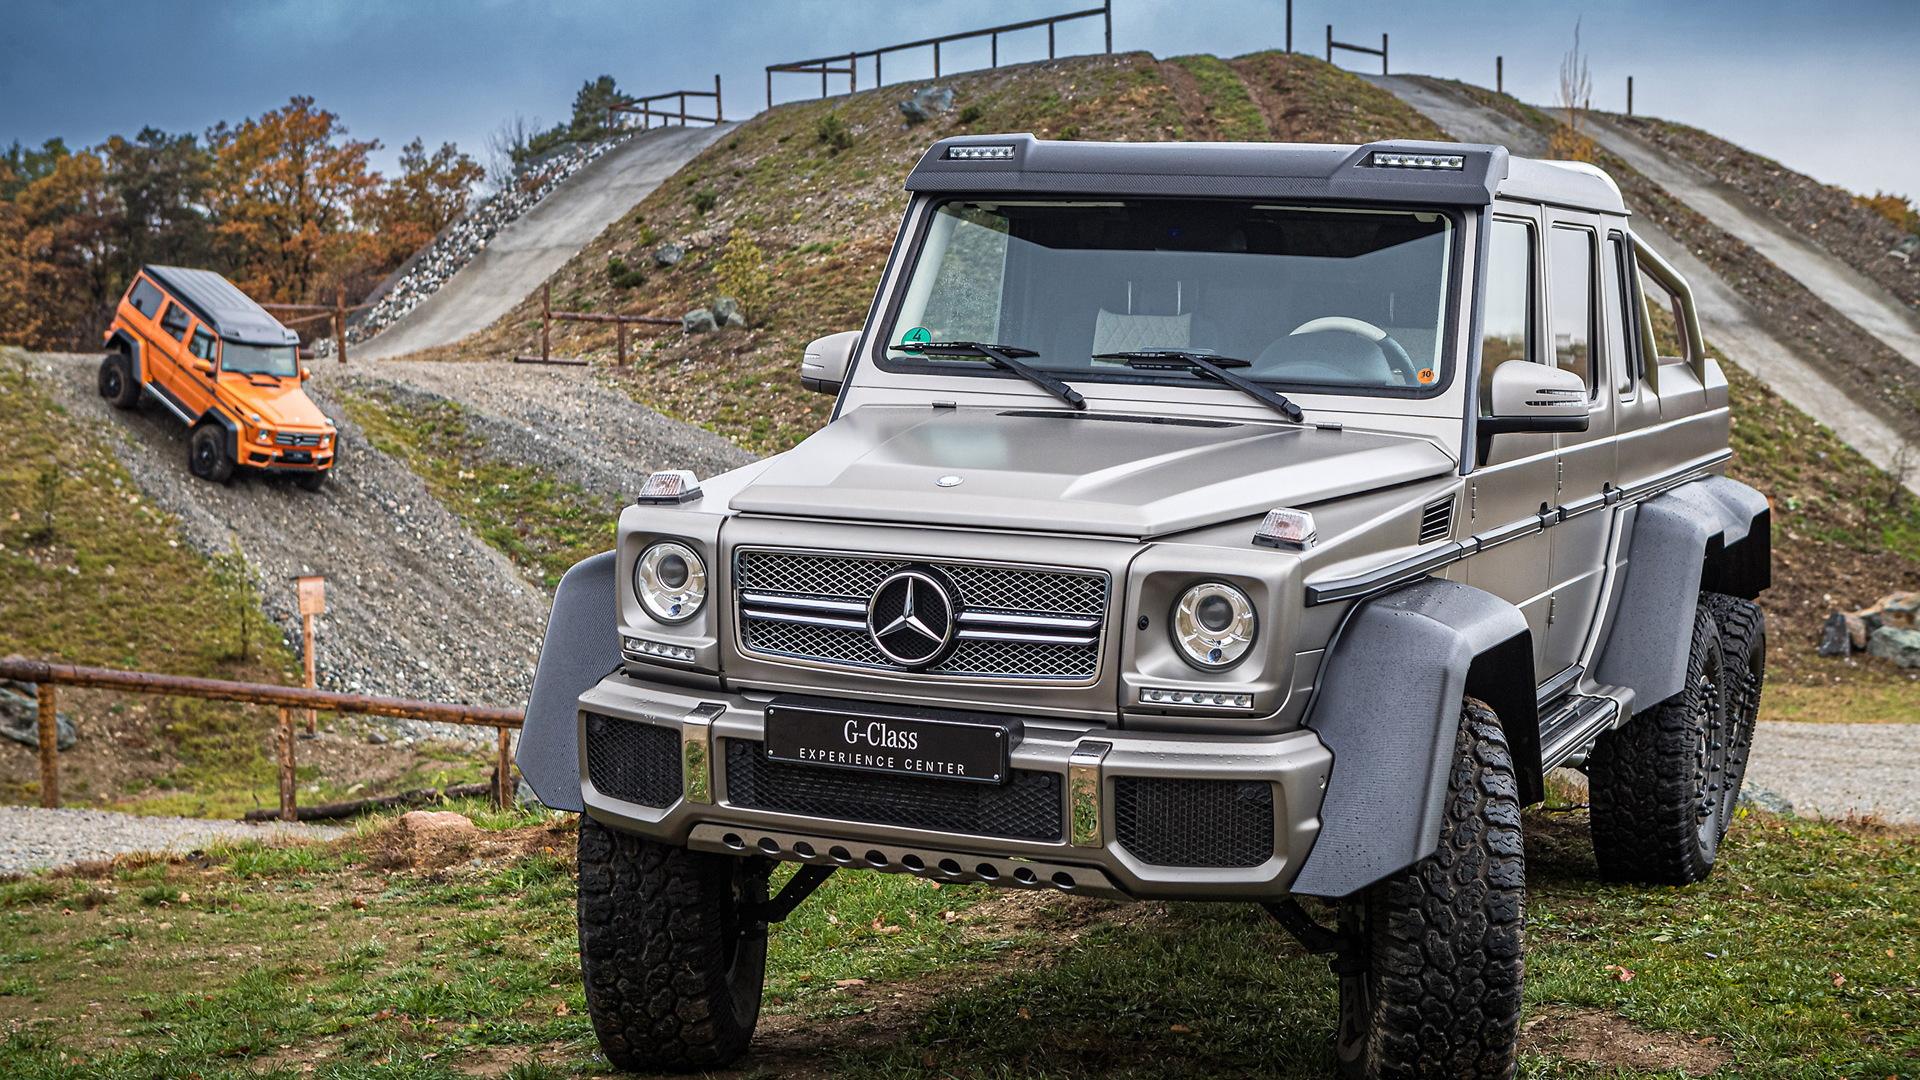 Mercedes-Benz G-Class Experience Center